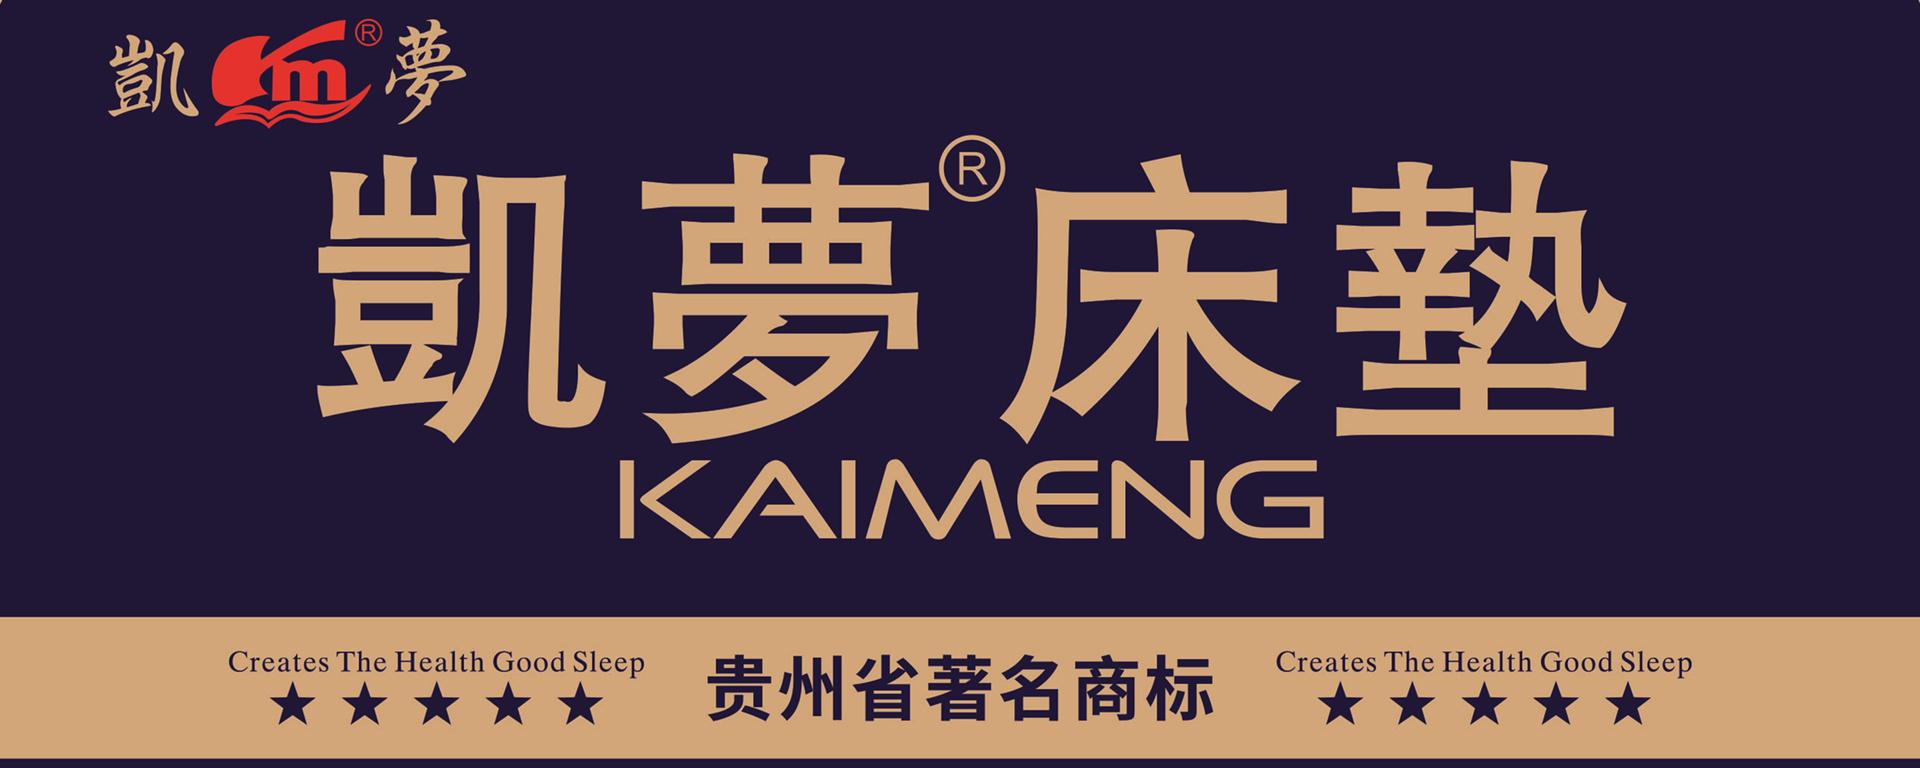 凯梦下载环球体育app-贵州下载环球体育app-知名下载环球体育app品牌图片1